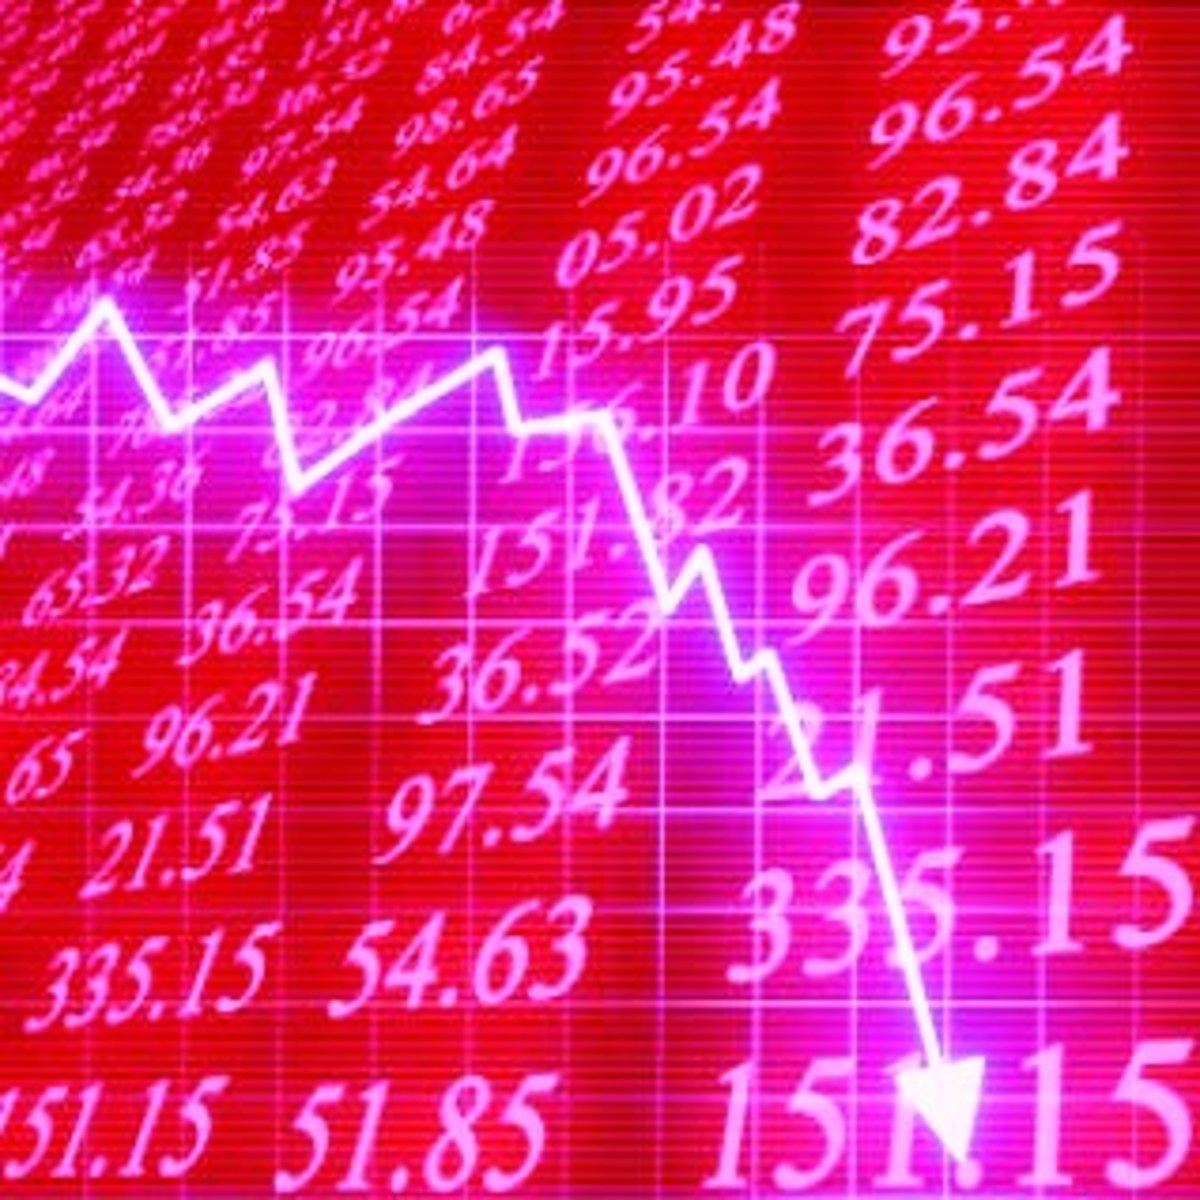 Πτώση πάνω από -1,5% στην Αθήνα μετά το χθεσινό ράλυ | Newsit.gr